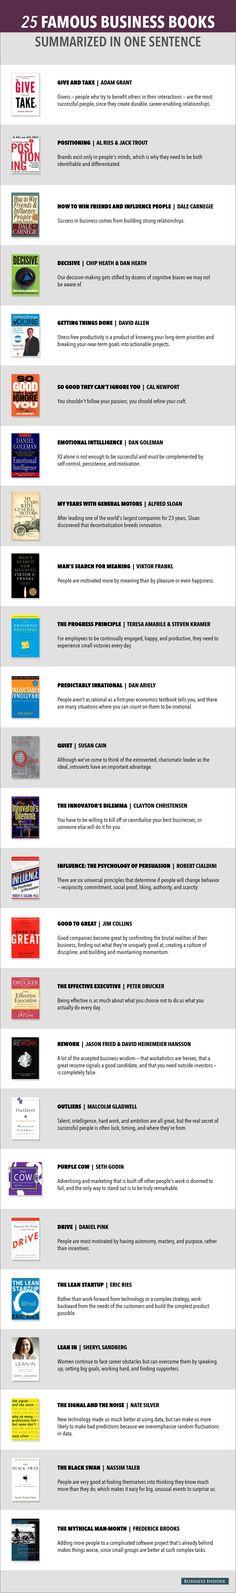 Business Books In One Sentence v.2_02